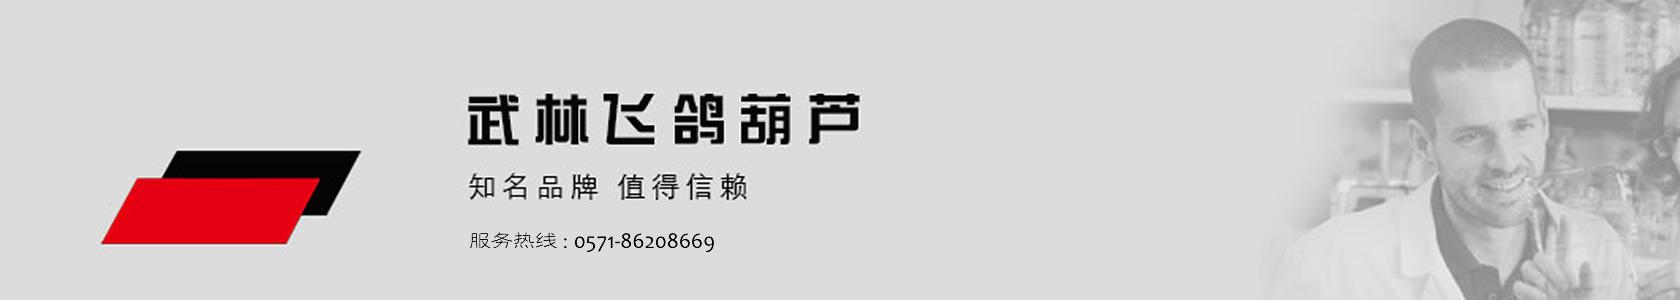 武林尊龙平台登录